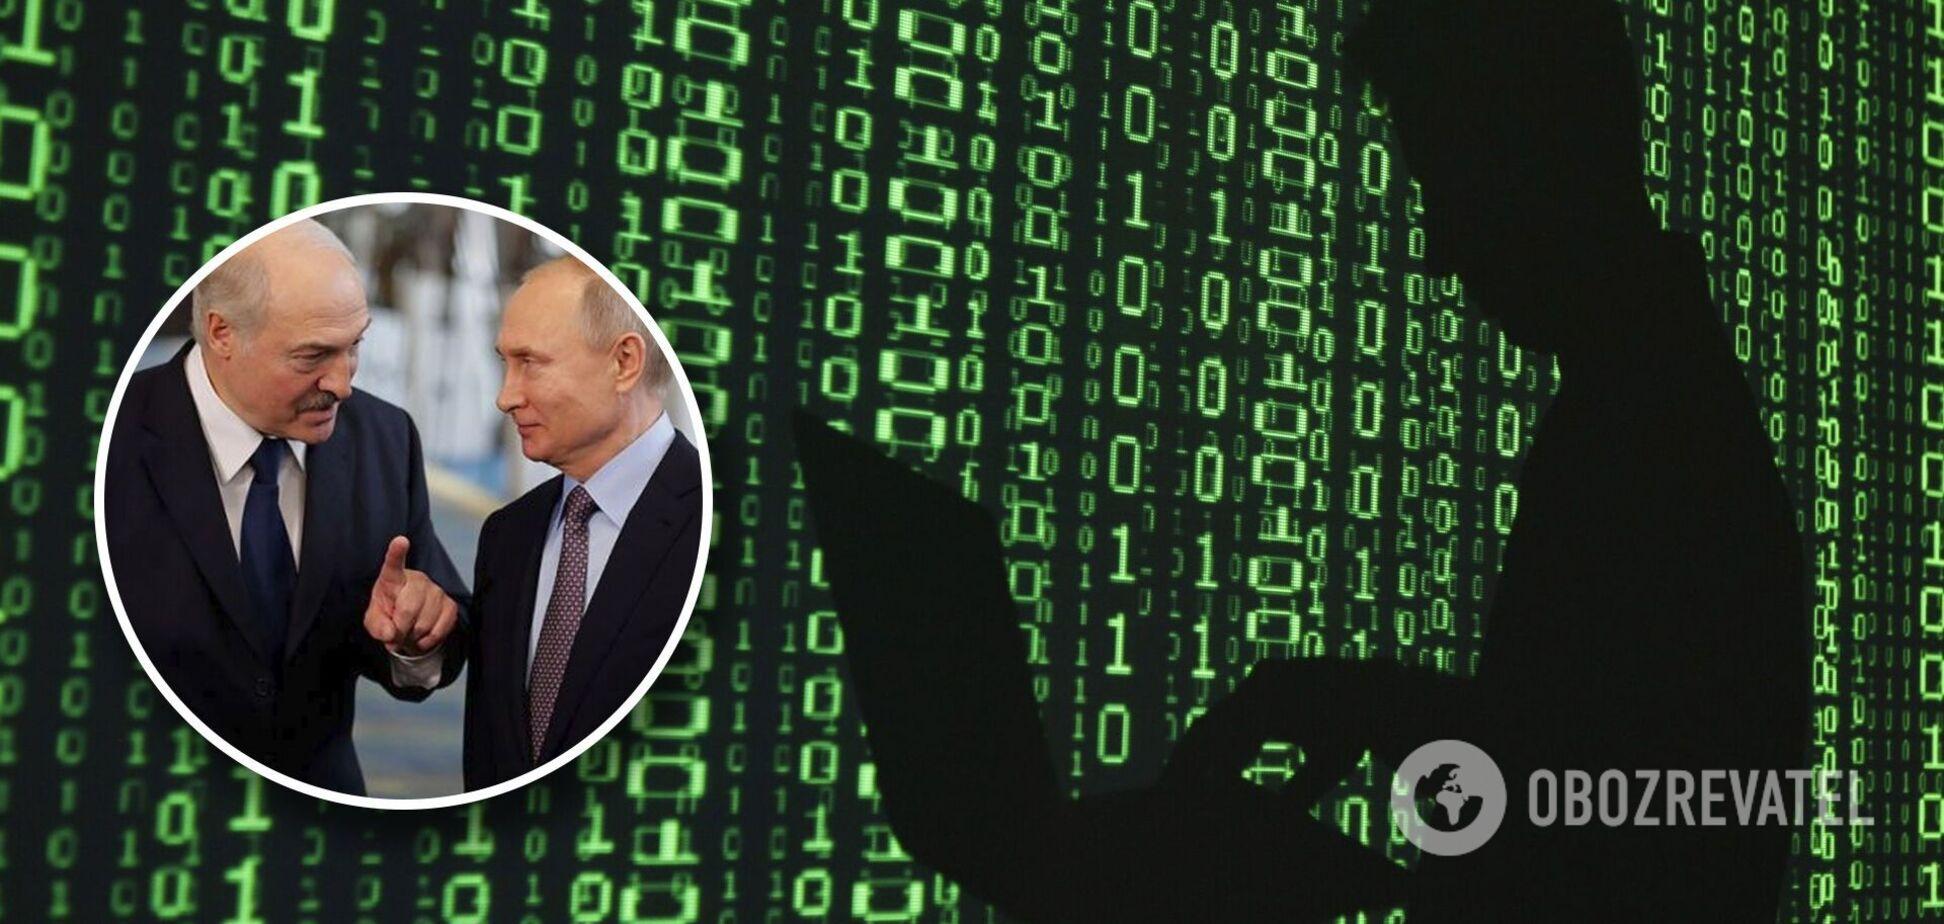 Військовий експерт: РФ застосує проти України інформаційні війська, а Білорусь не віддасть